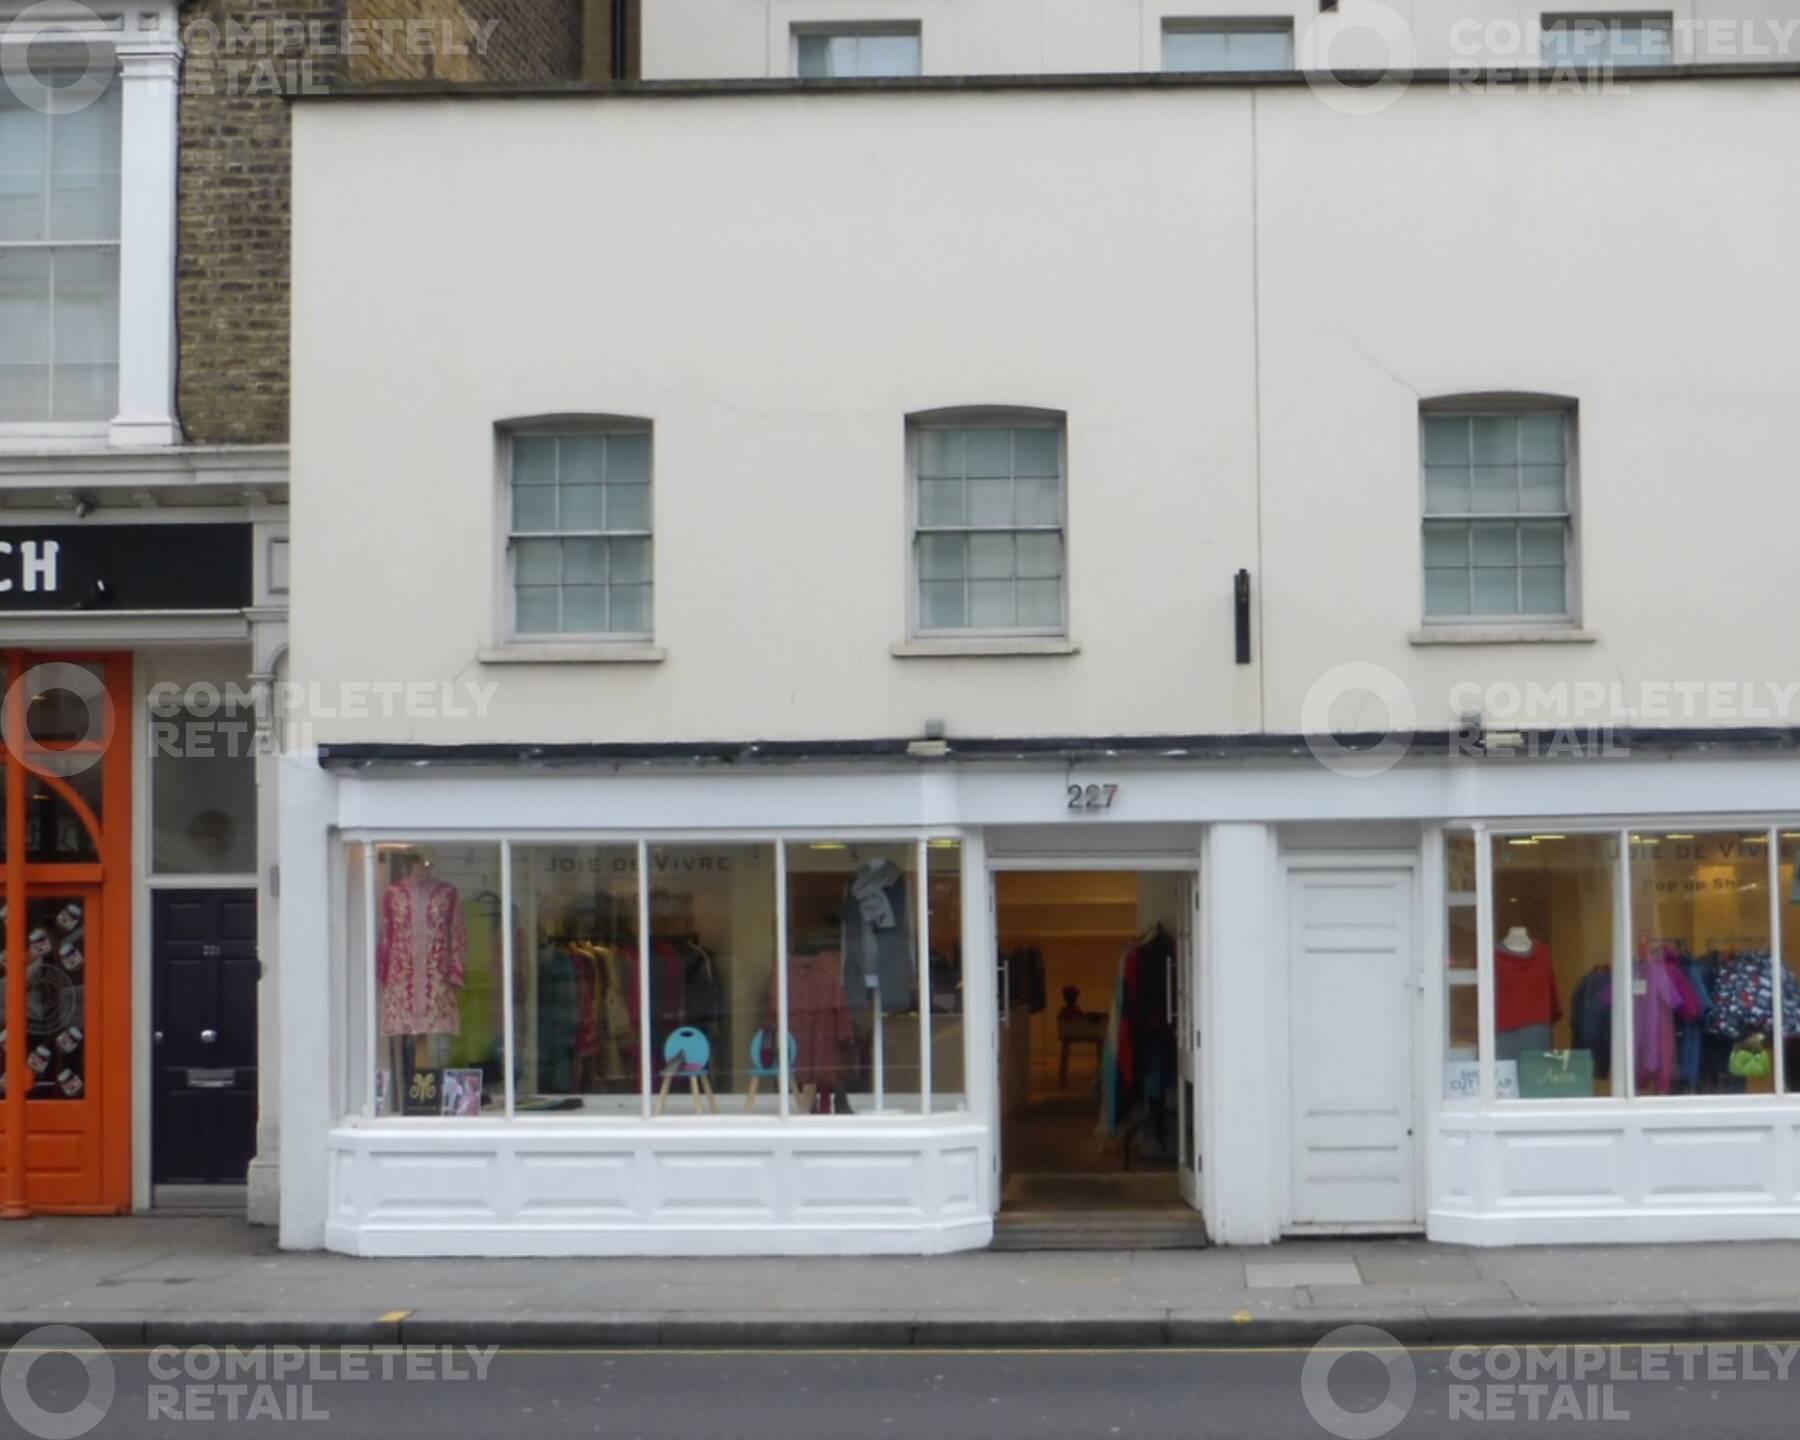 227 King's Road, London,SW3 5EJ